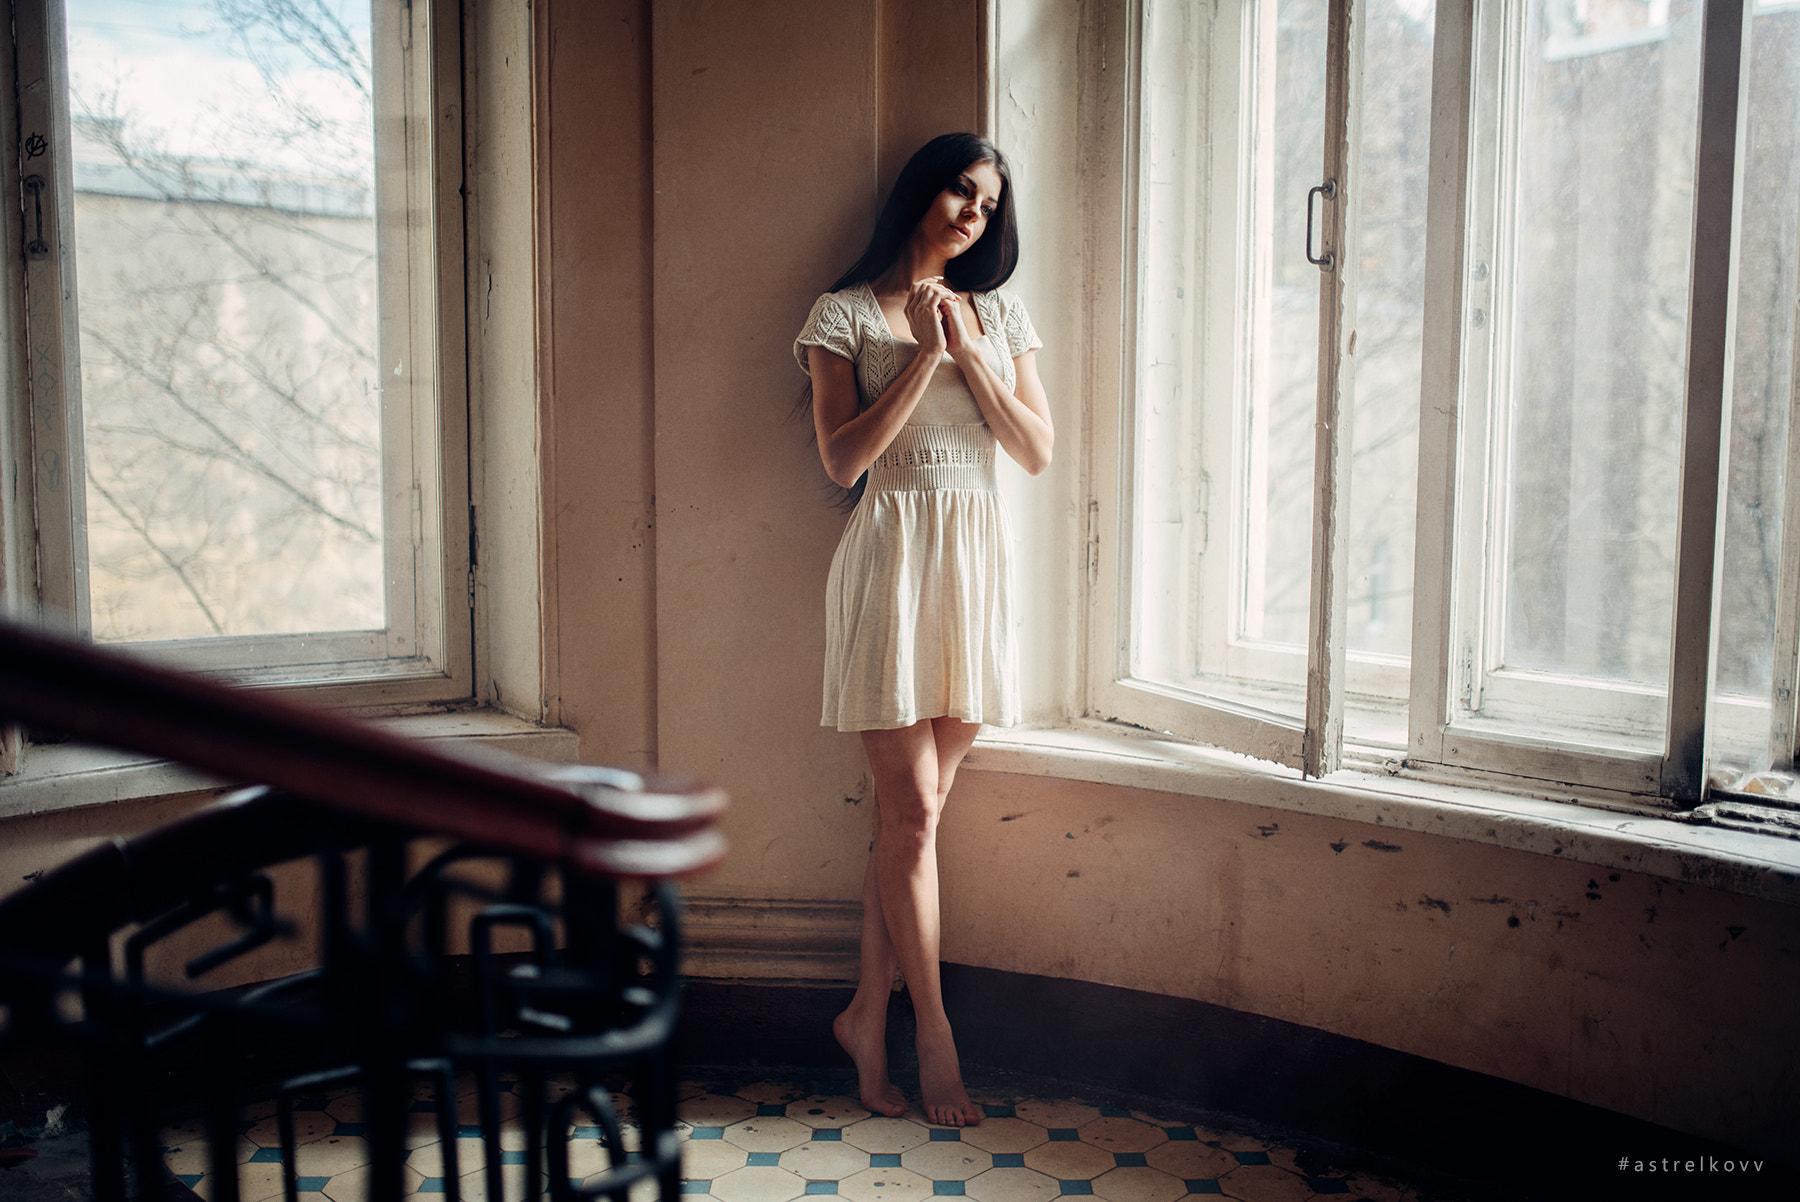 картинки девушка возле окна брюнетка ней